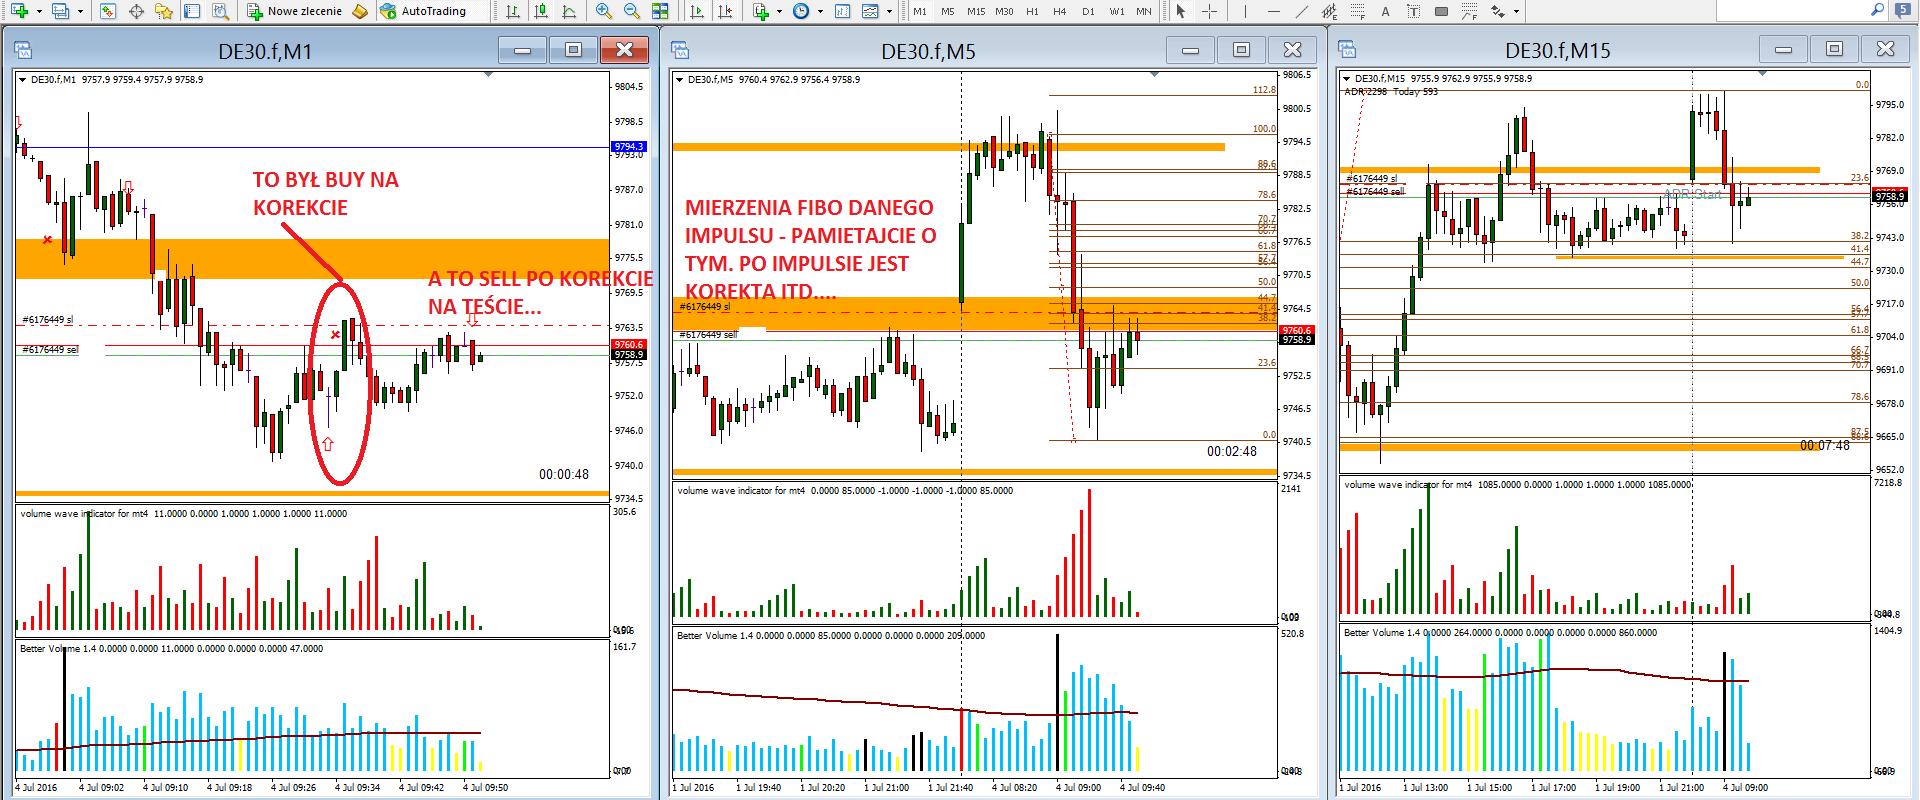 11-forex-skuteczna strategia-myforex-trader-trading-waluty-dax-prosta strategia tradingowa-broker-sukces-wolumen-vsa-świec japońskie-formacje świecowe-poziomy fibo-scalping